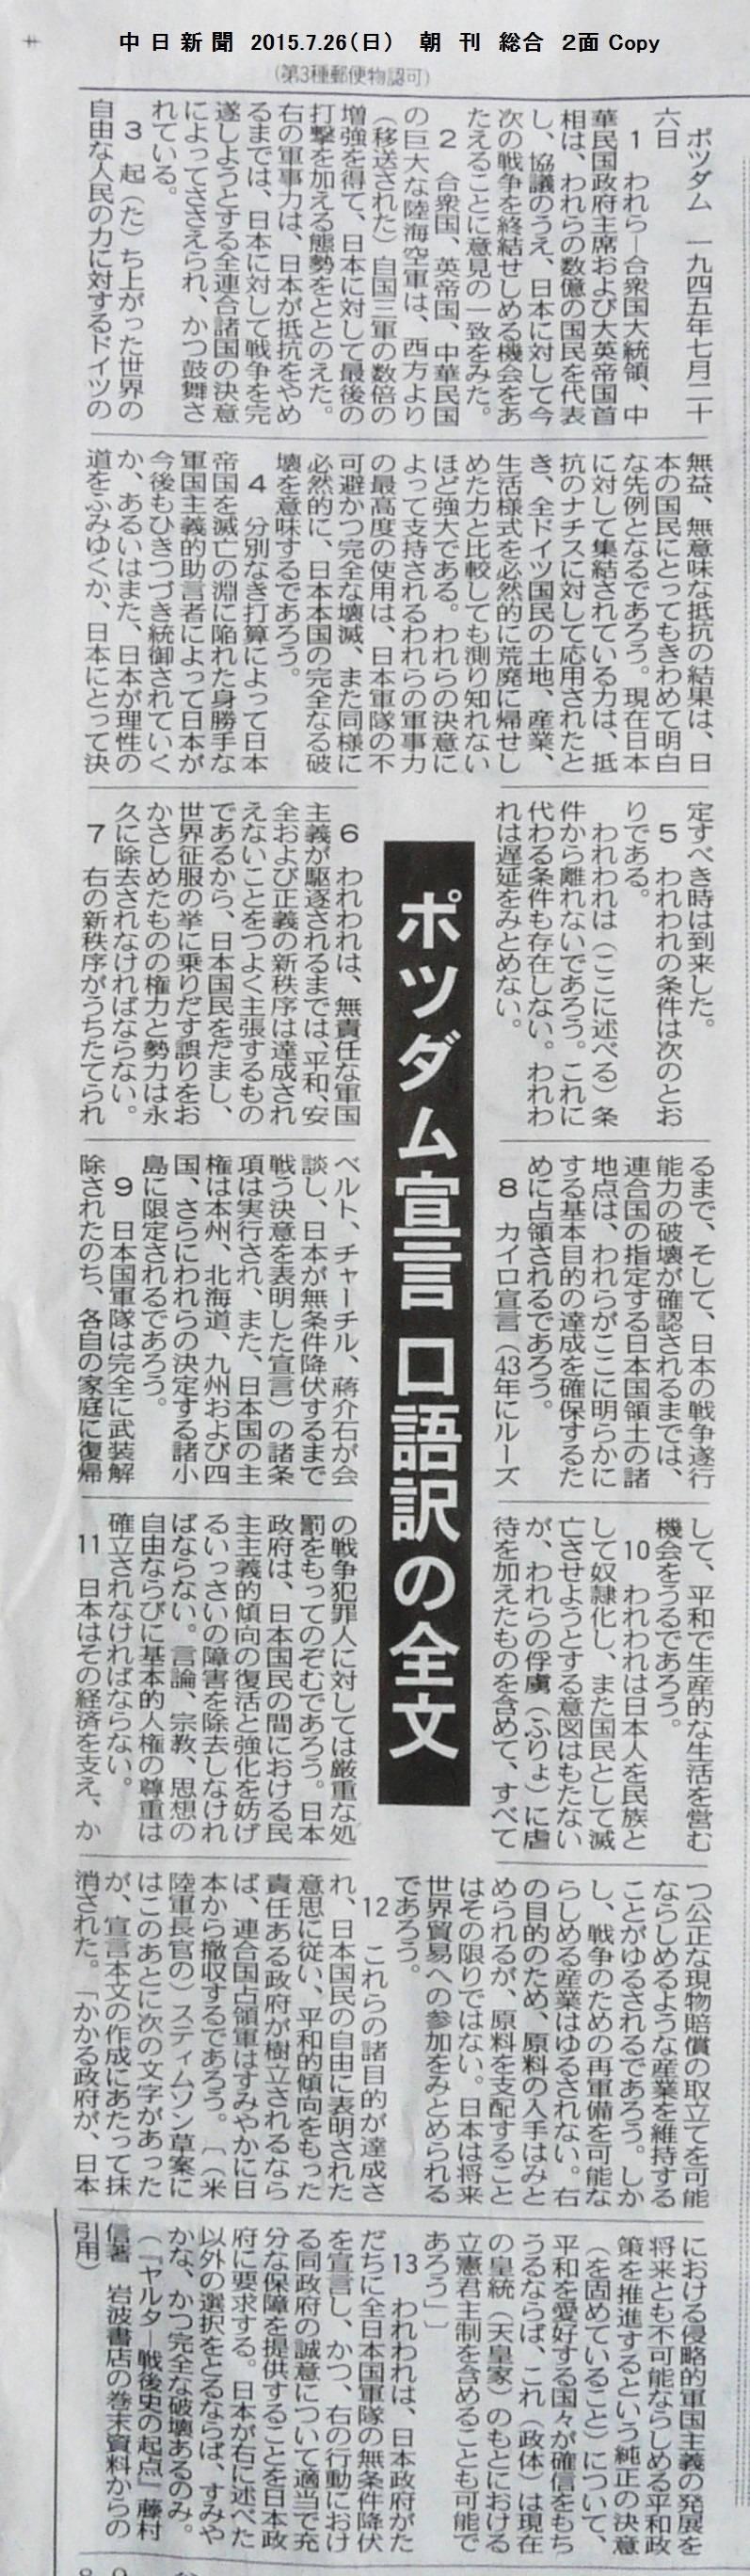 マリアナ時報・ポツダム宣言・伝単